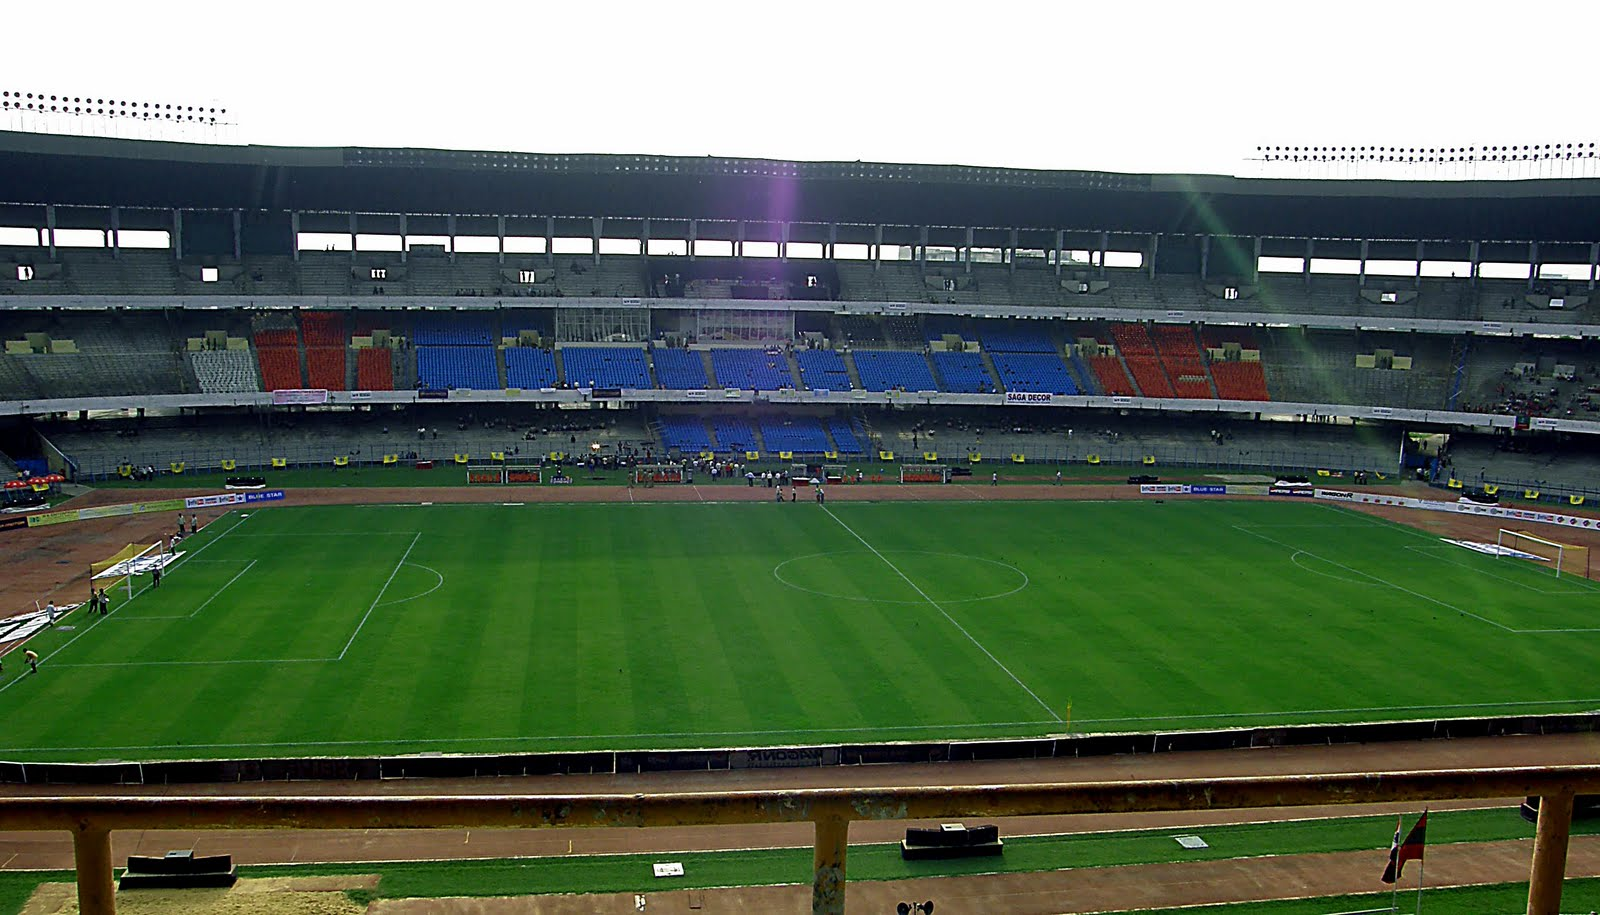 BERITA LUCU DAN ANEH 5 Stadion Terbesar Di Seluruh Dunia